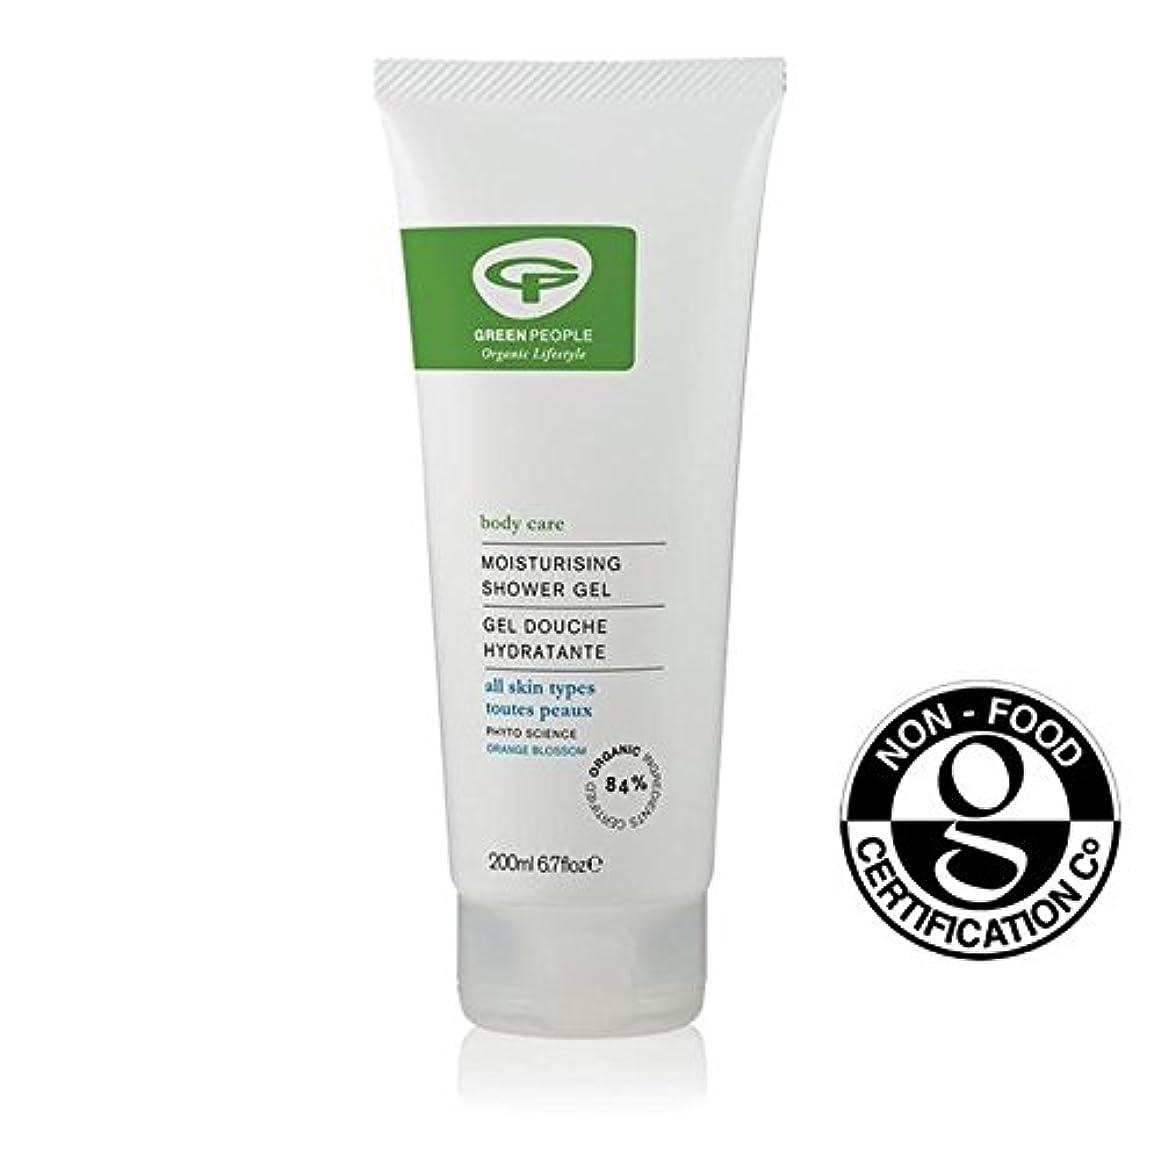 セレナ奴隷チャペル緑の人々の有機保湿シャワージェル200 x4 - Green People Organic Moisturising Shower Gel 200ml (Pack of 4) [並行輸入品]